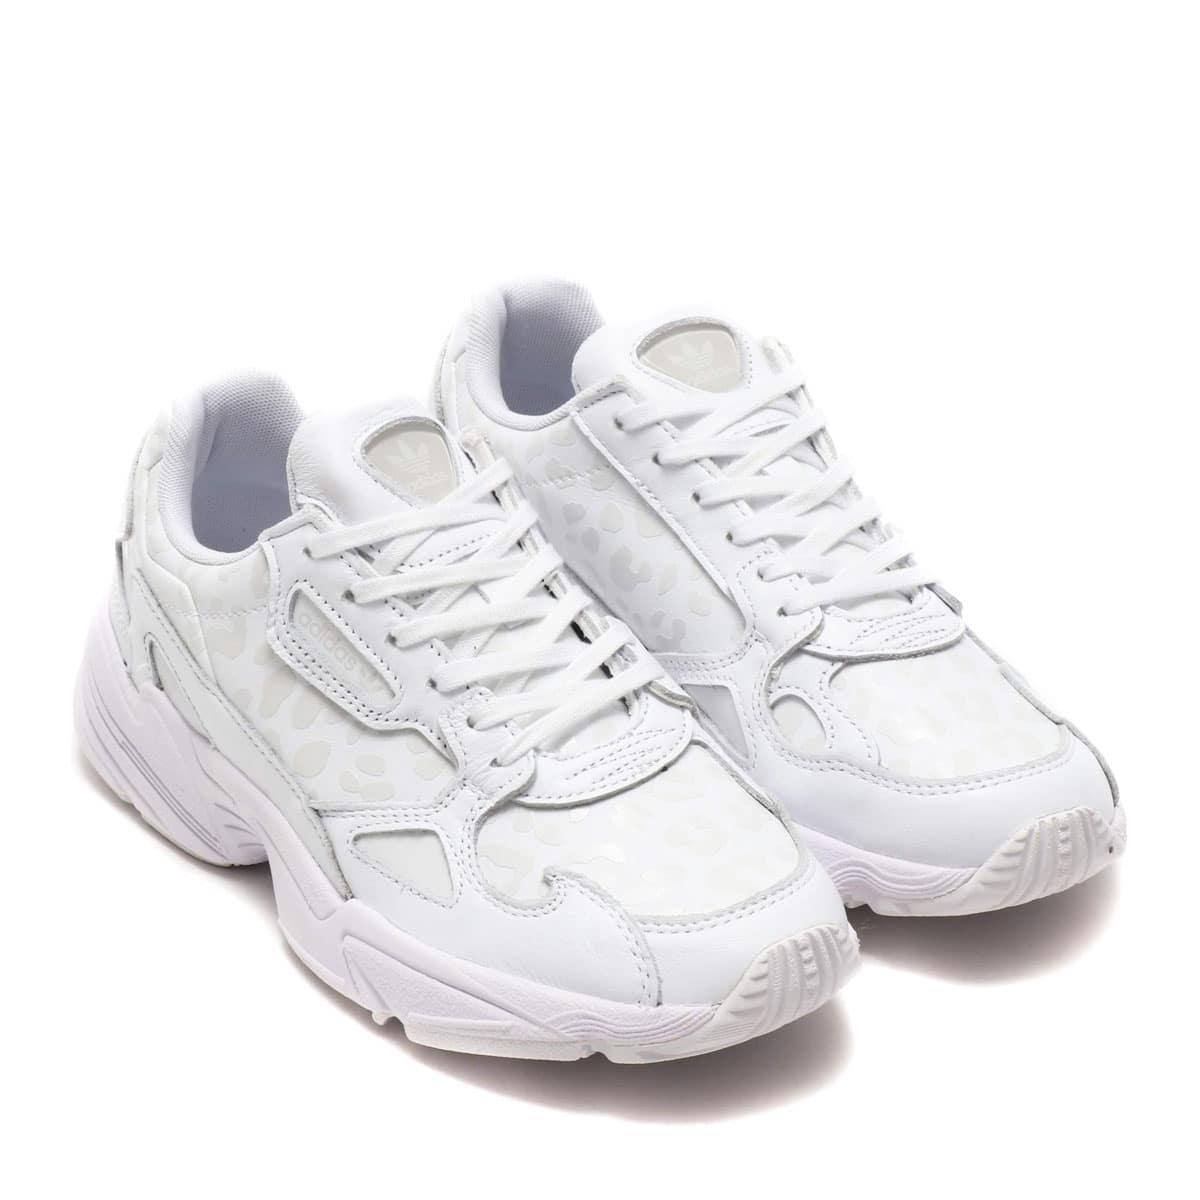 adidas ADIDASFALCON W RUNNING WHITE/CRYSTAL WHITE/CORE BLACK 19FW-I_photo_large